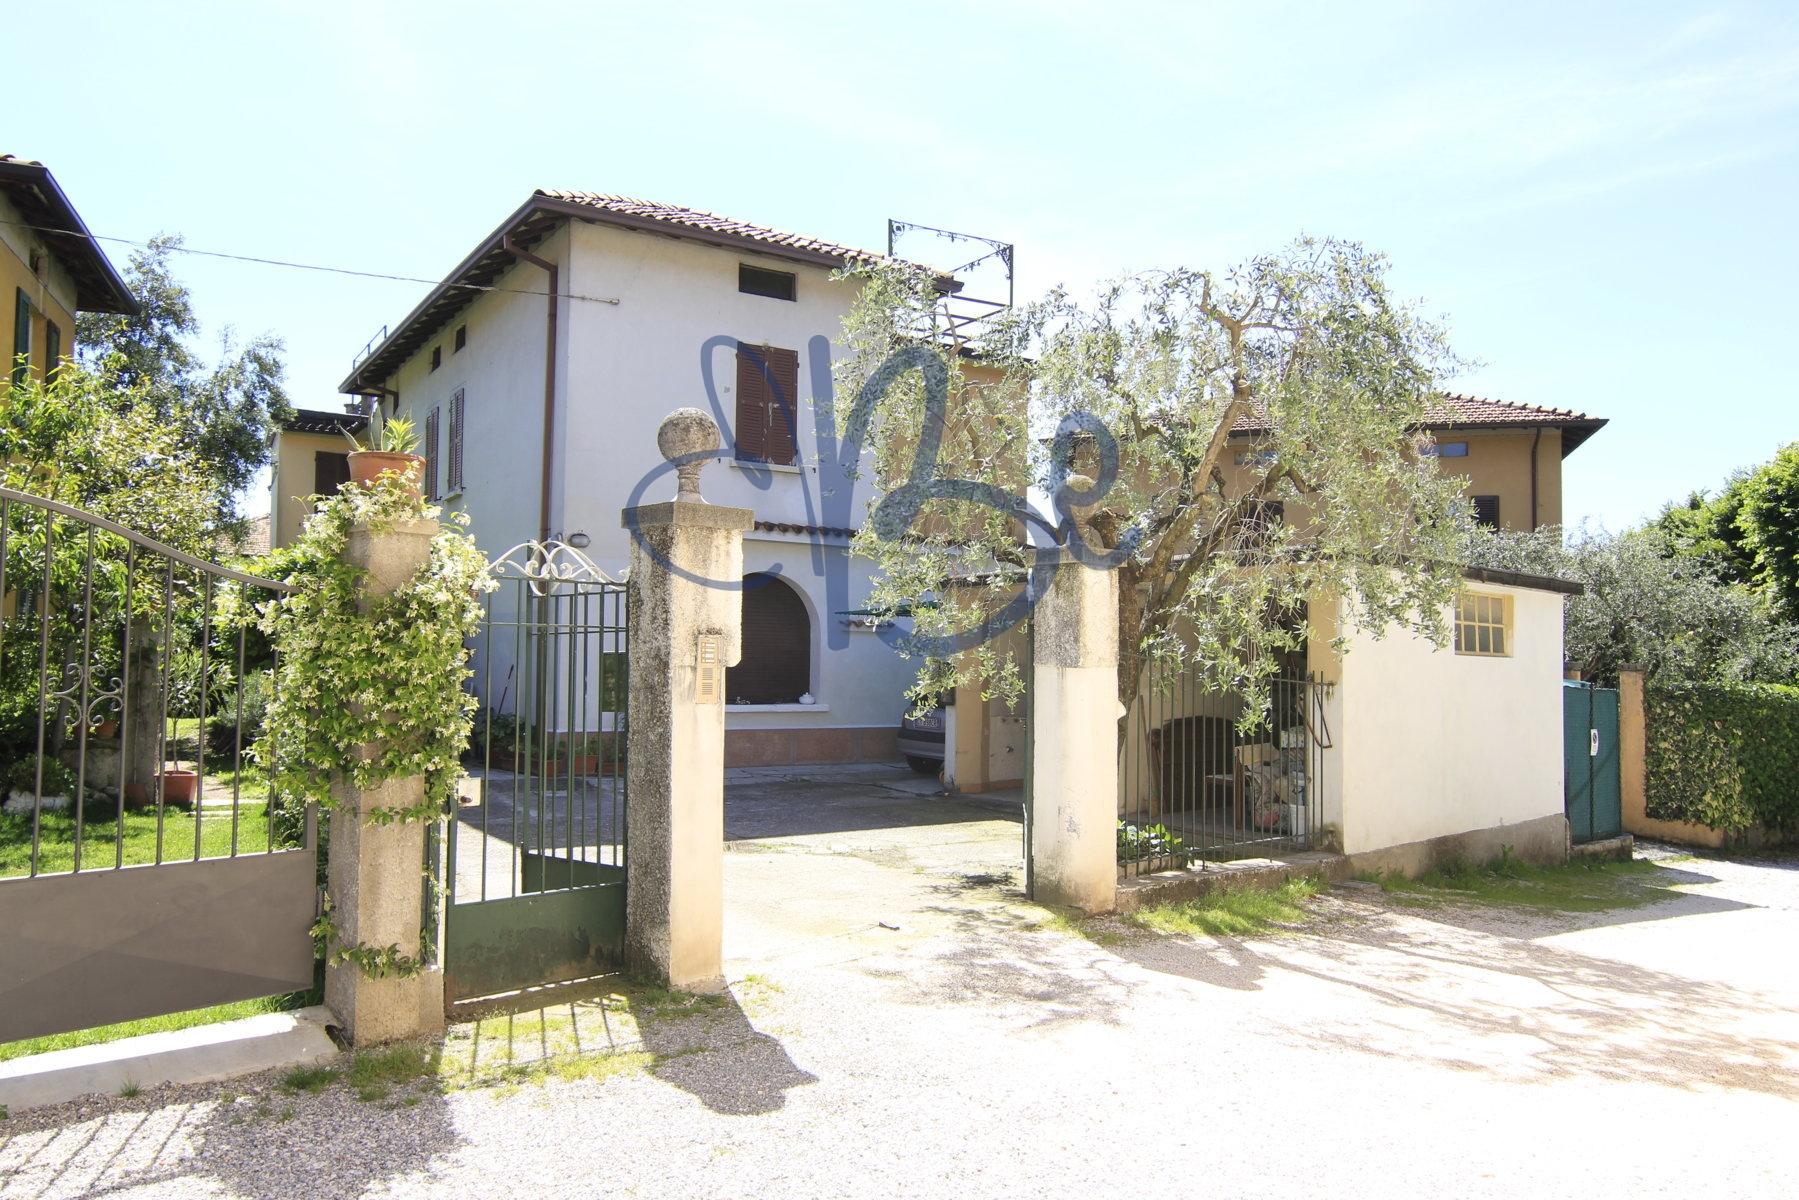 Appartamento in vendita a Salò, 4 locali, zona Località: Salò, prezzo € 210.000 | Cambio Casa.it